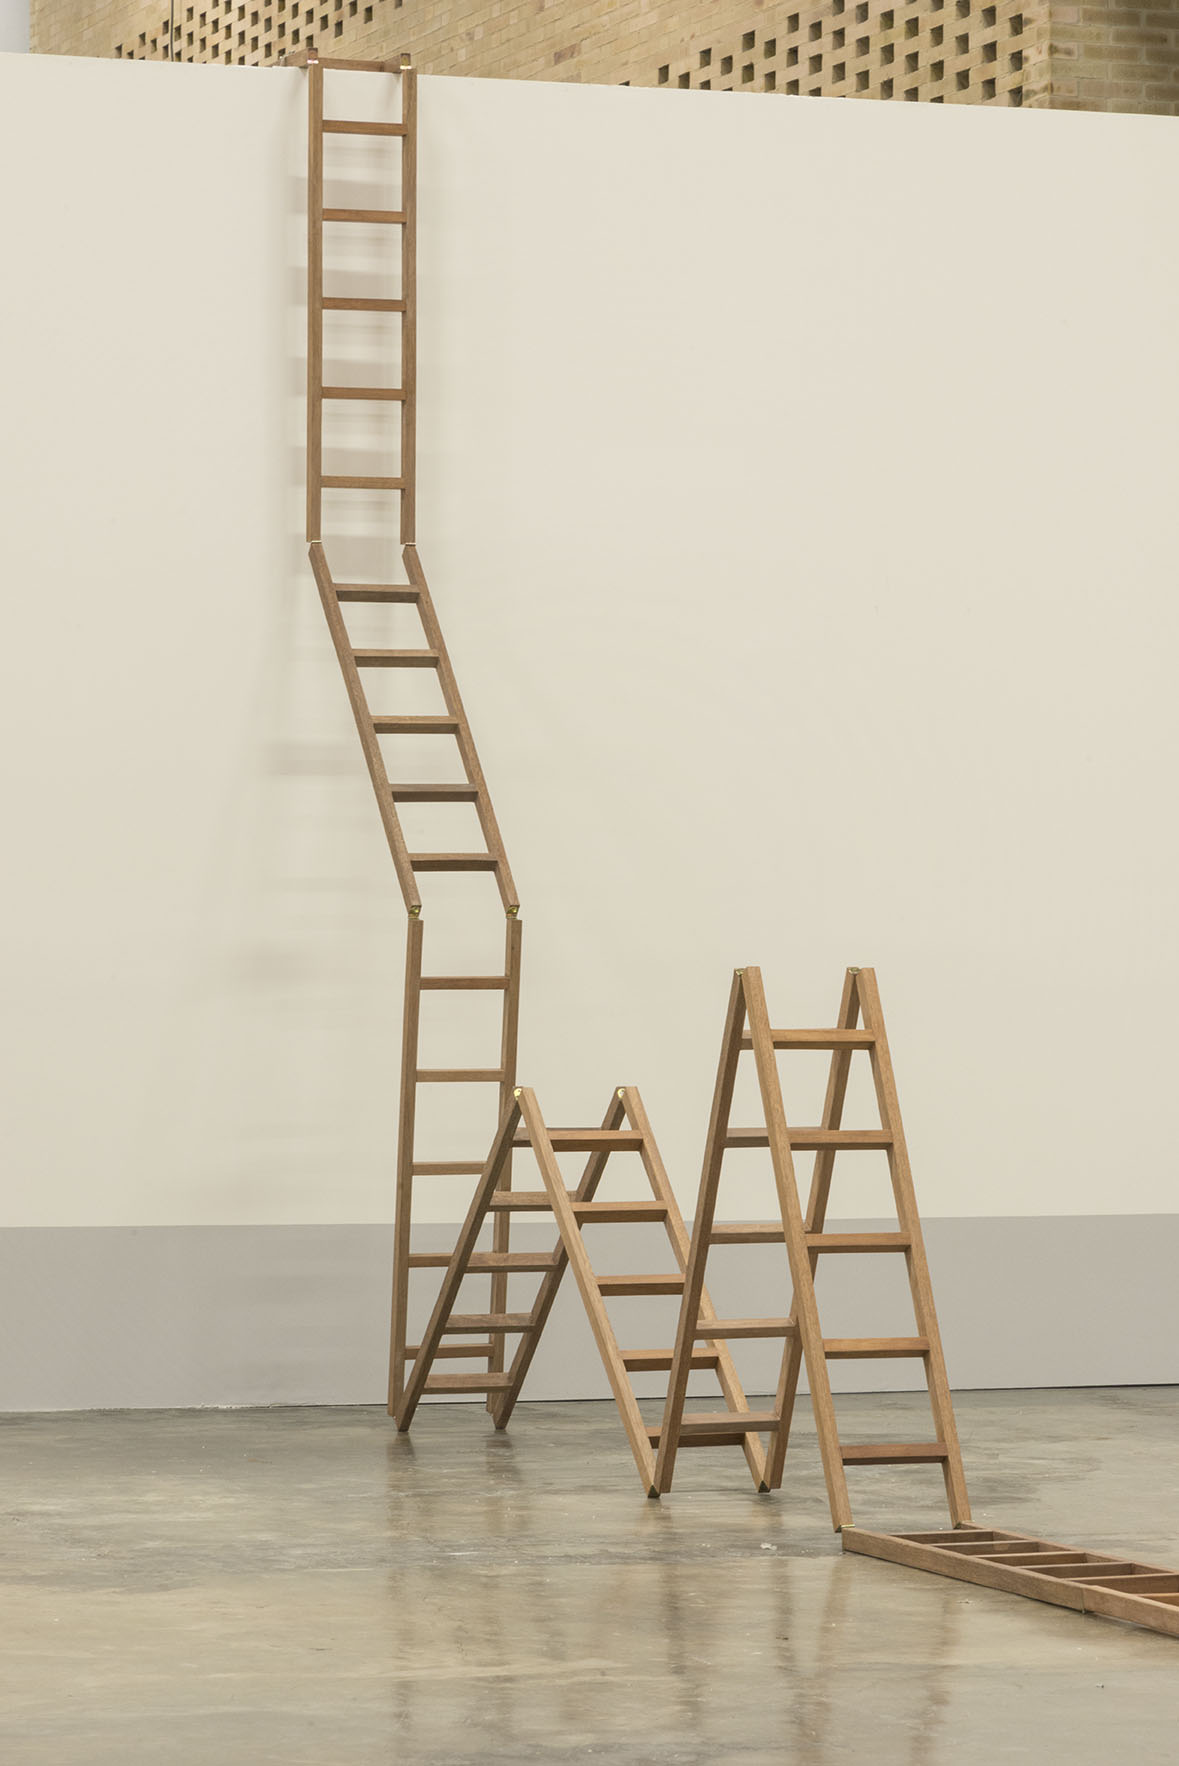 Escalera   Madera y bisagras metálicas,113 x 130 x 30 cm. 2016